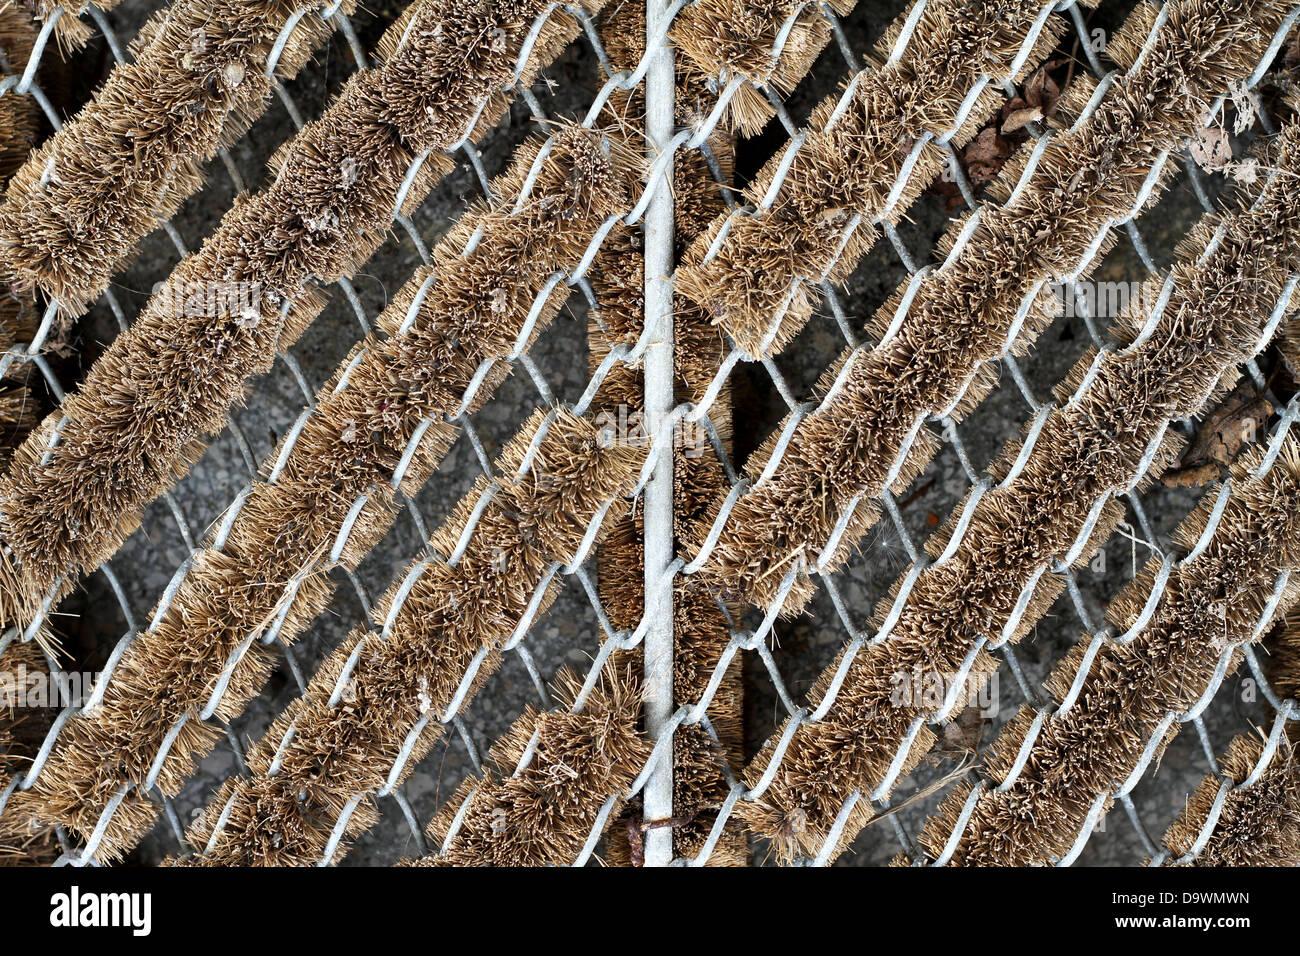 Coir Mat Stock Photos Amp Coir Mat Stock Images Alamy